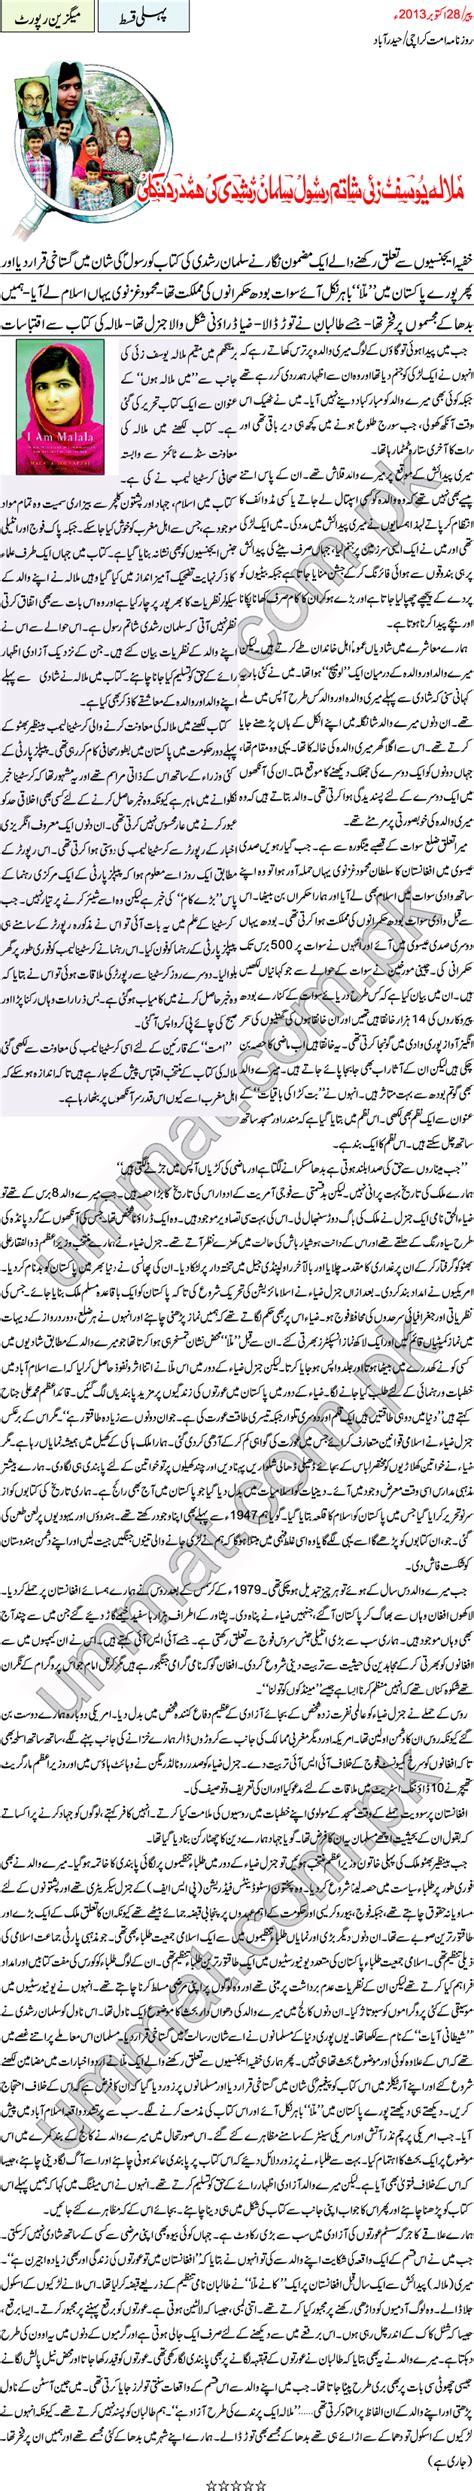 My Book Essay In Urdu by My Book Essay In Urdu 100 Original Papers Jungbrunnen Kur De Jungbrunnen Kur